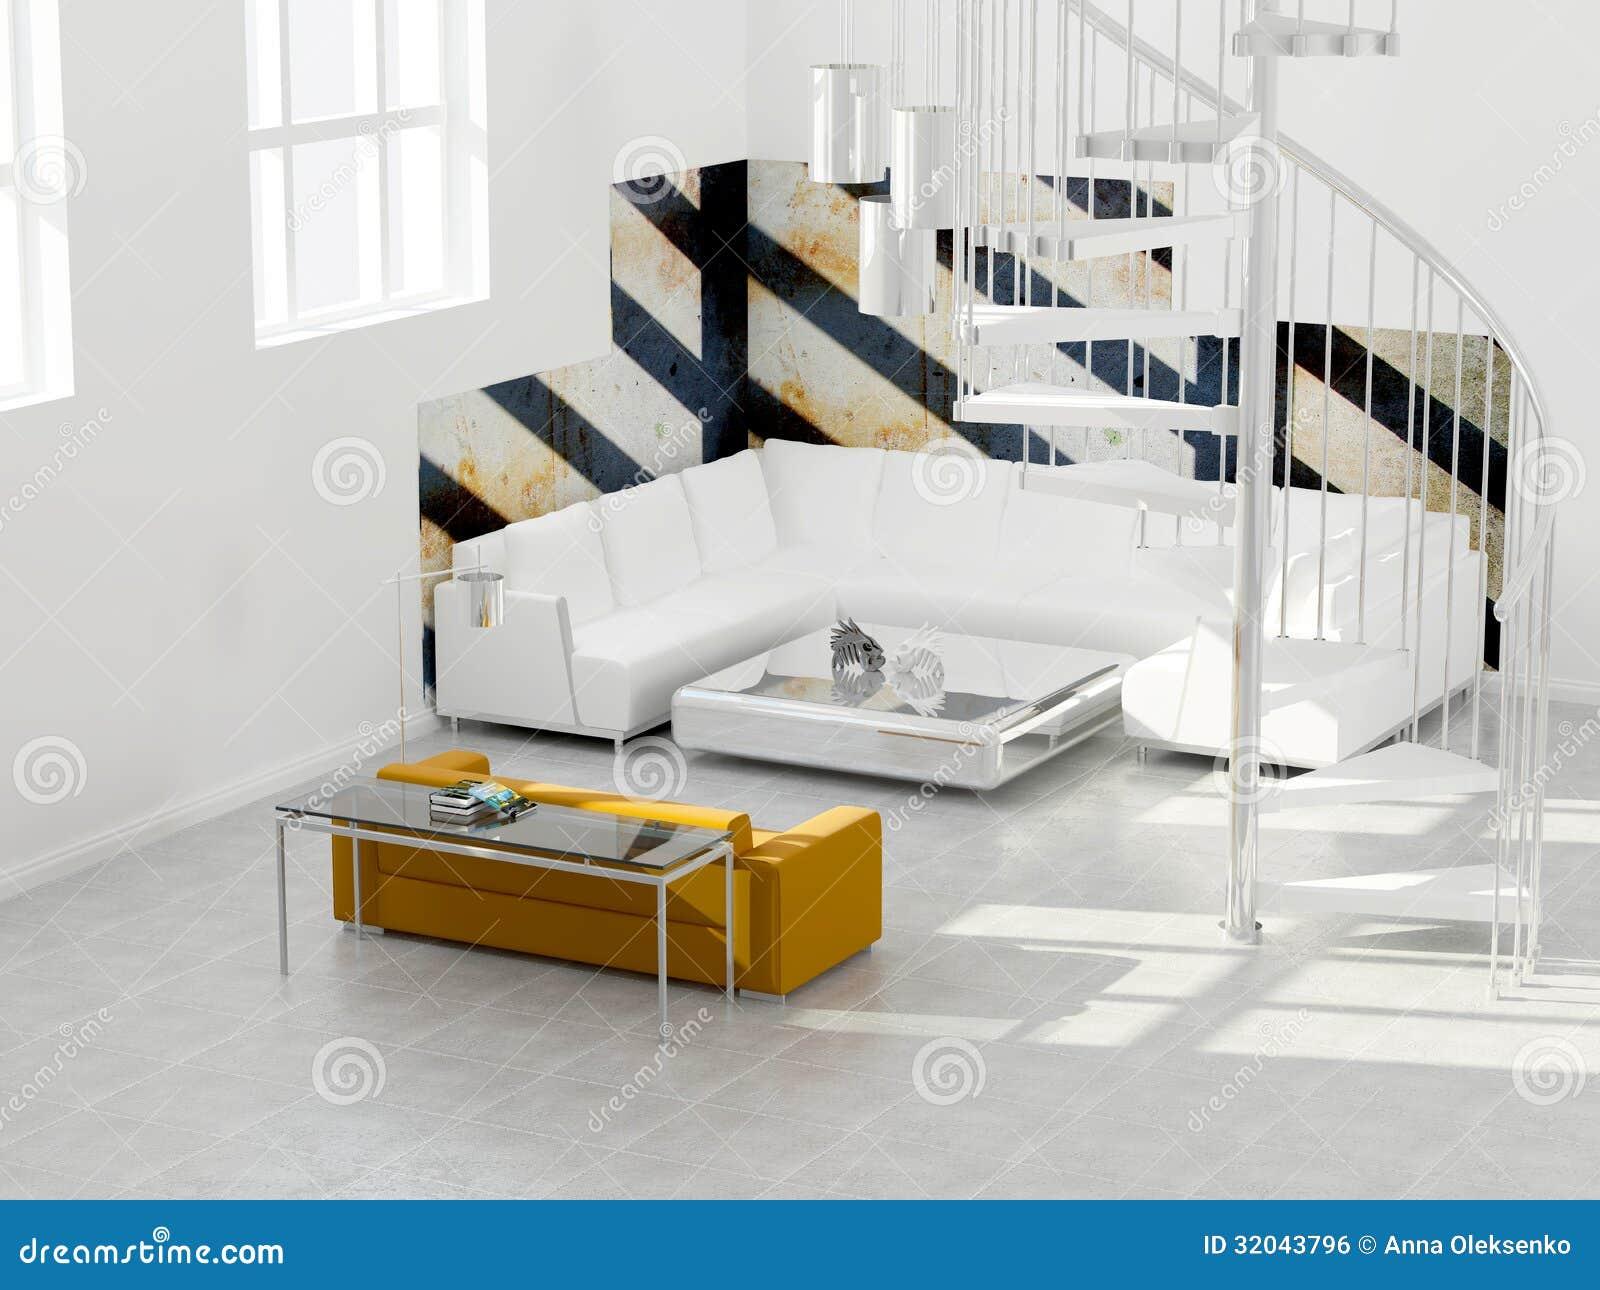 decoracao de interiores sotaos:interior design del sottotetto moderno, stanza bianca con le scale